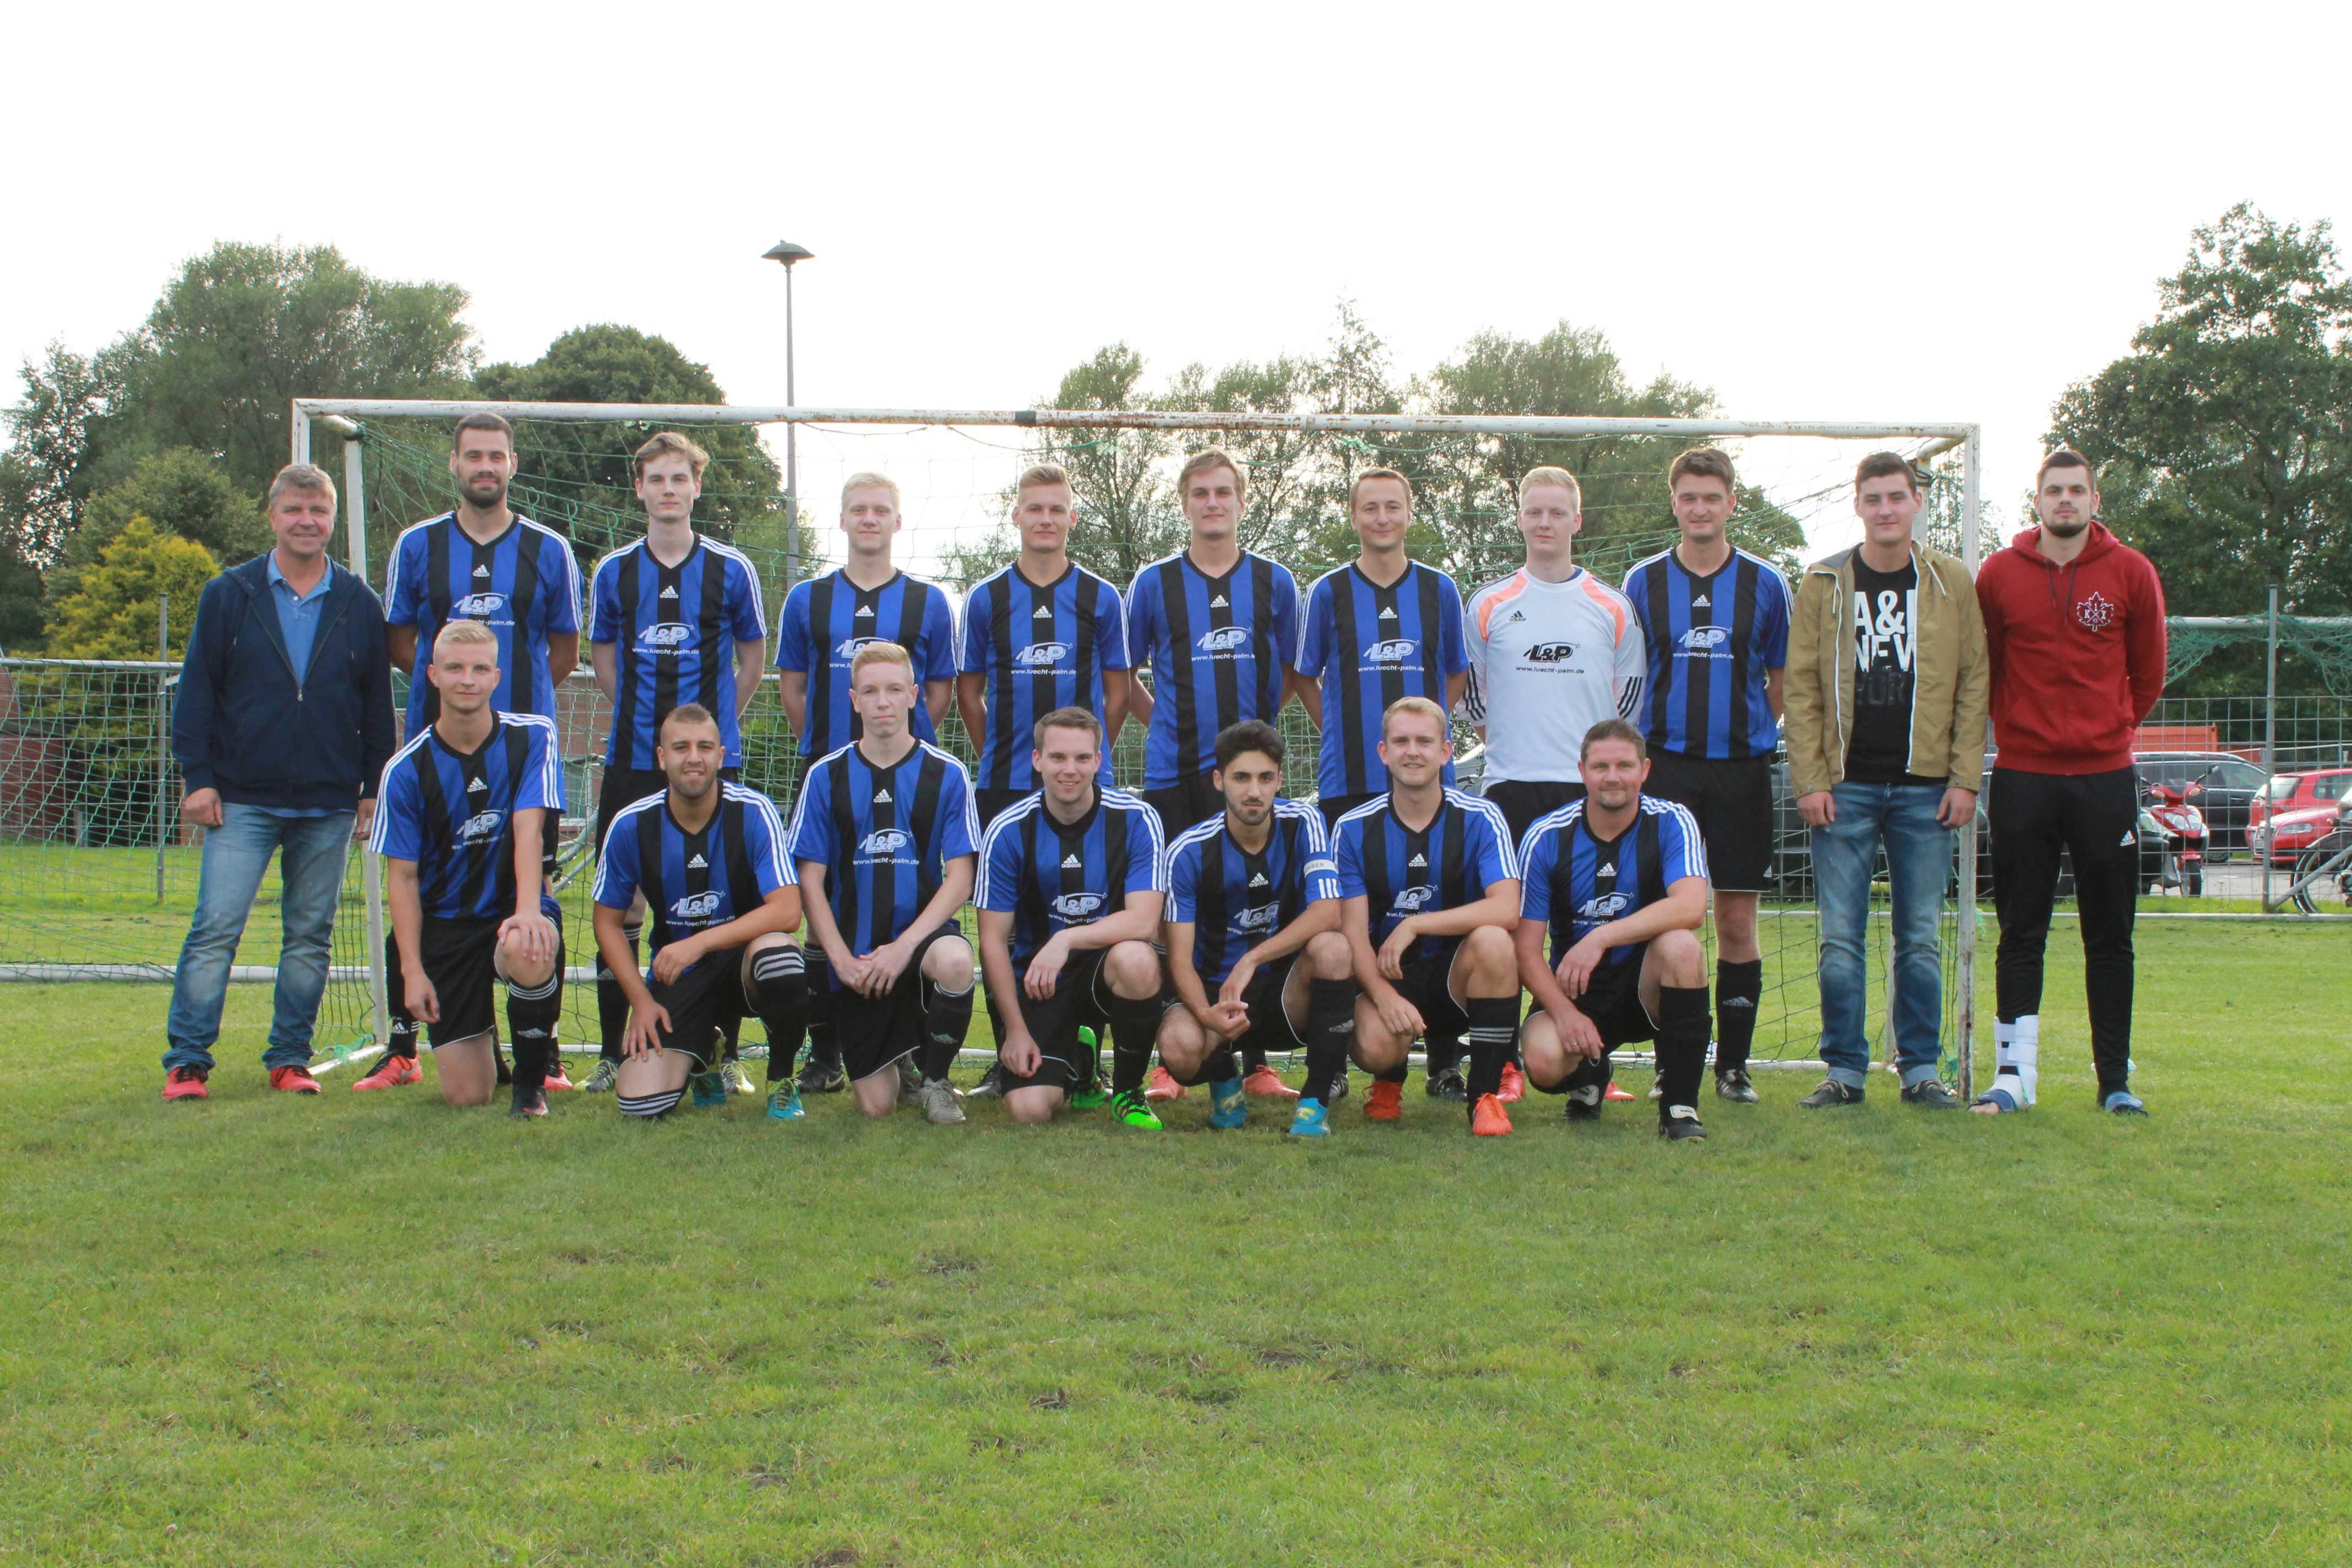 2016-08-03 Sportwoche - zweiter Mittwoch - 1. Herrenturnier (4)